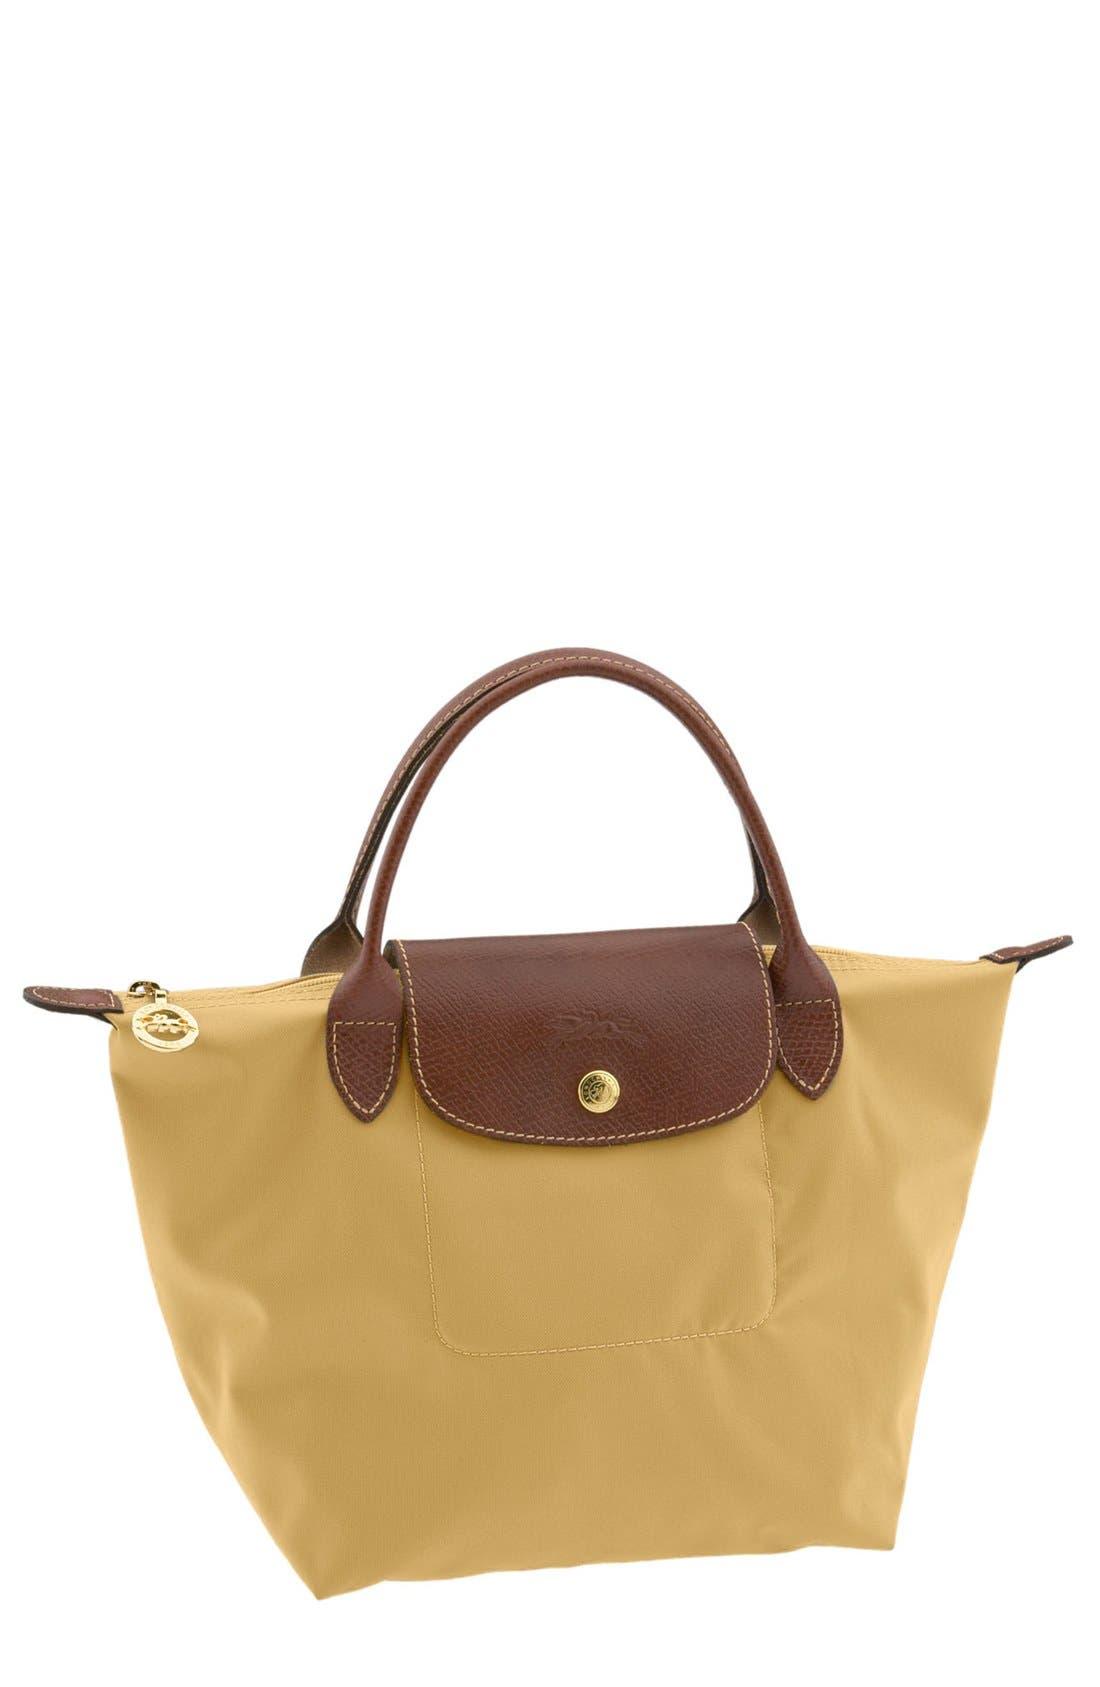 Alternate Image 1 Selected - Longchamp 'Mini Le Pliage' Handbag